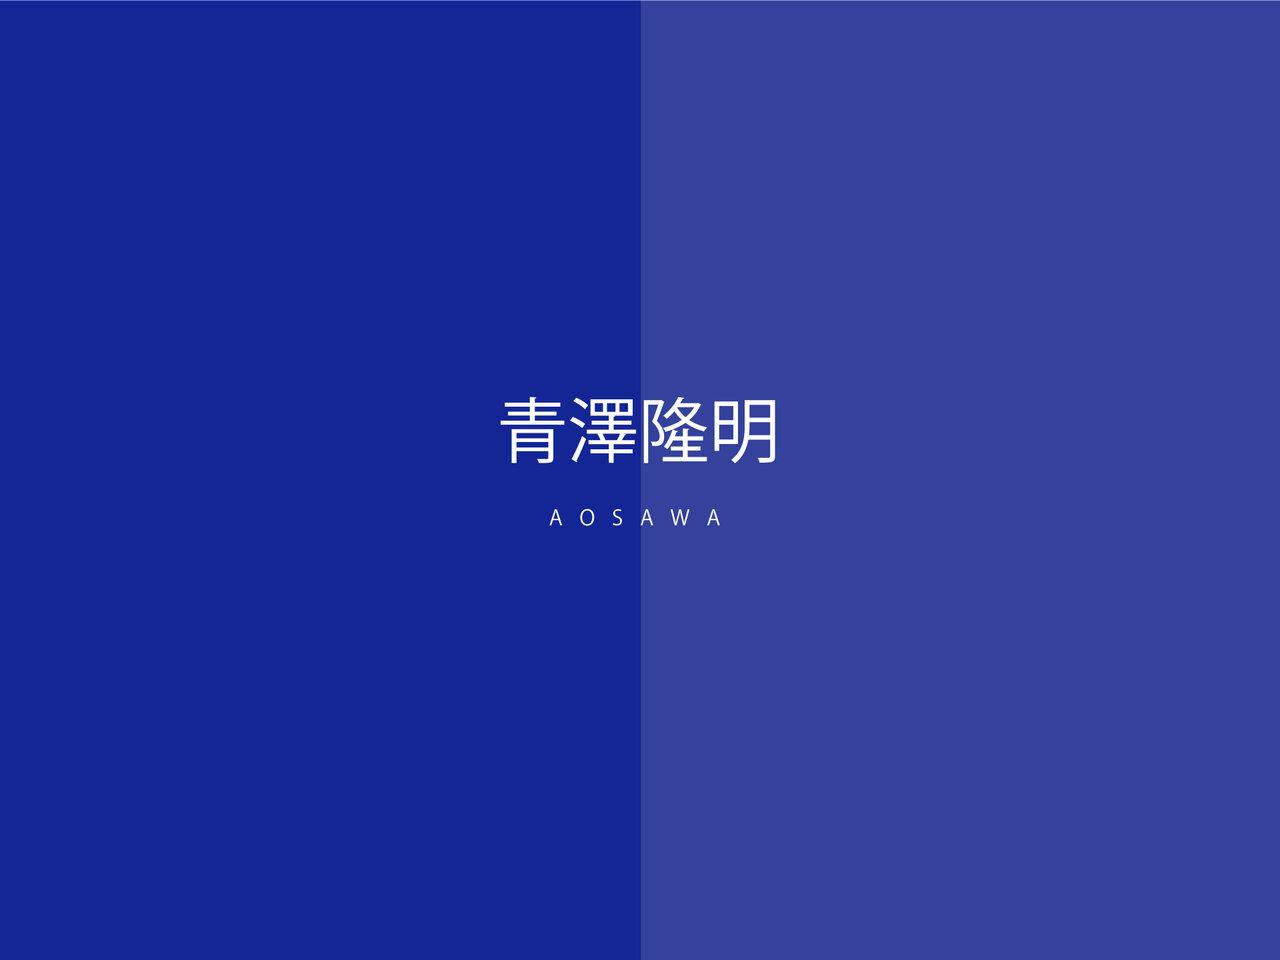 今朝の雨ノスタルジー(青澤隆明)